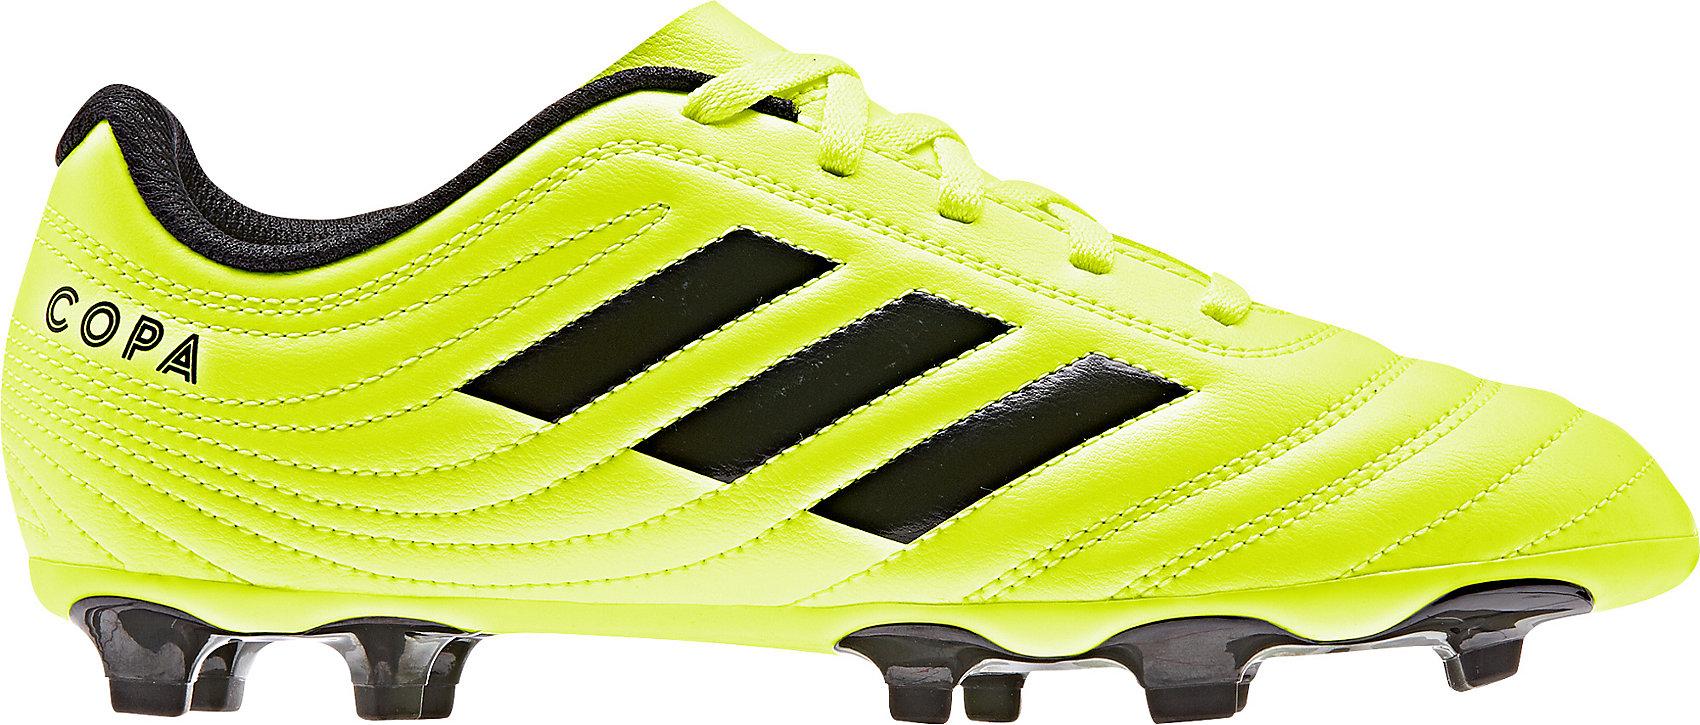 adidas Performance, Fussballschuhe COPA 19.4 FG für Jungen, schwarz